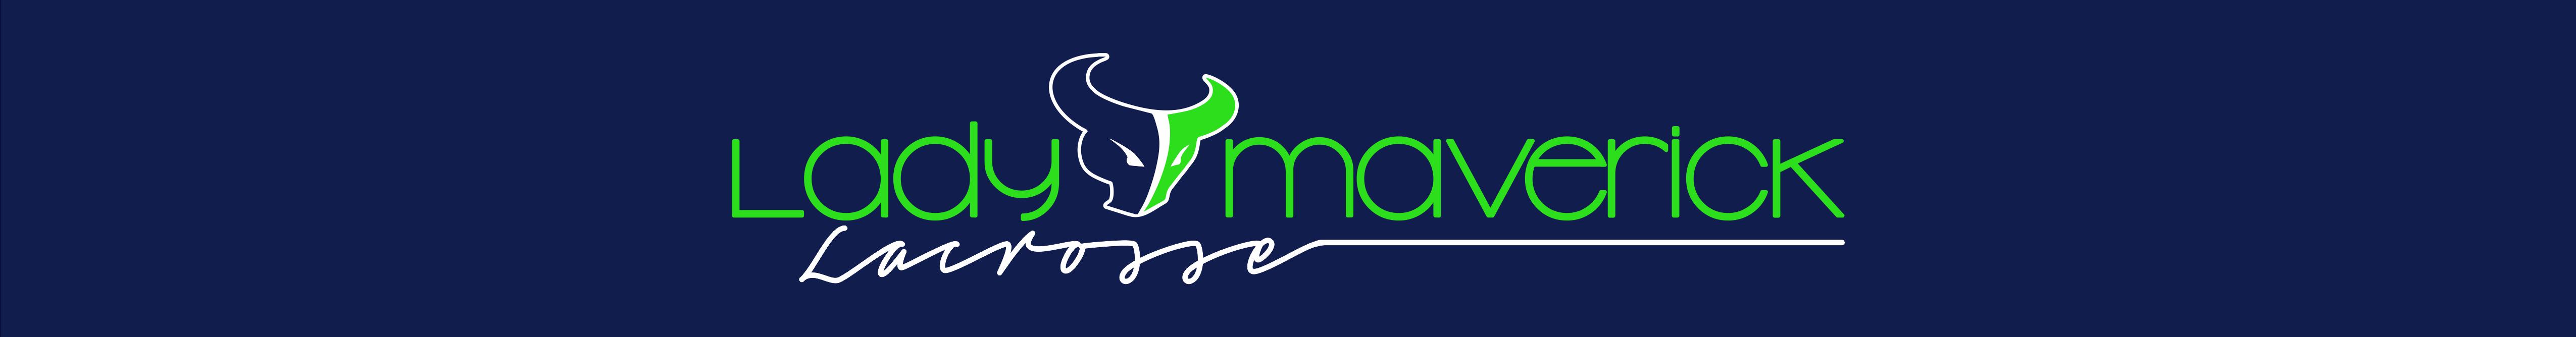 MVHS Lady Mavericks Lacrosse, Lacrosse, Goal, Field